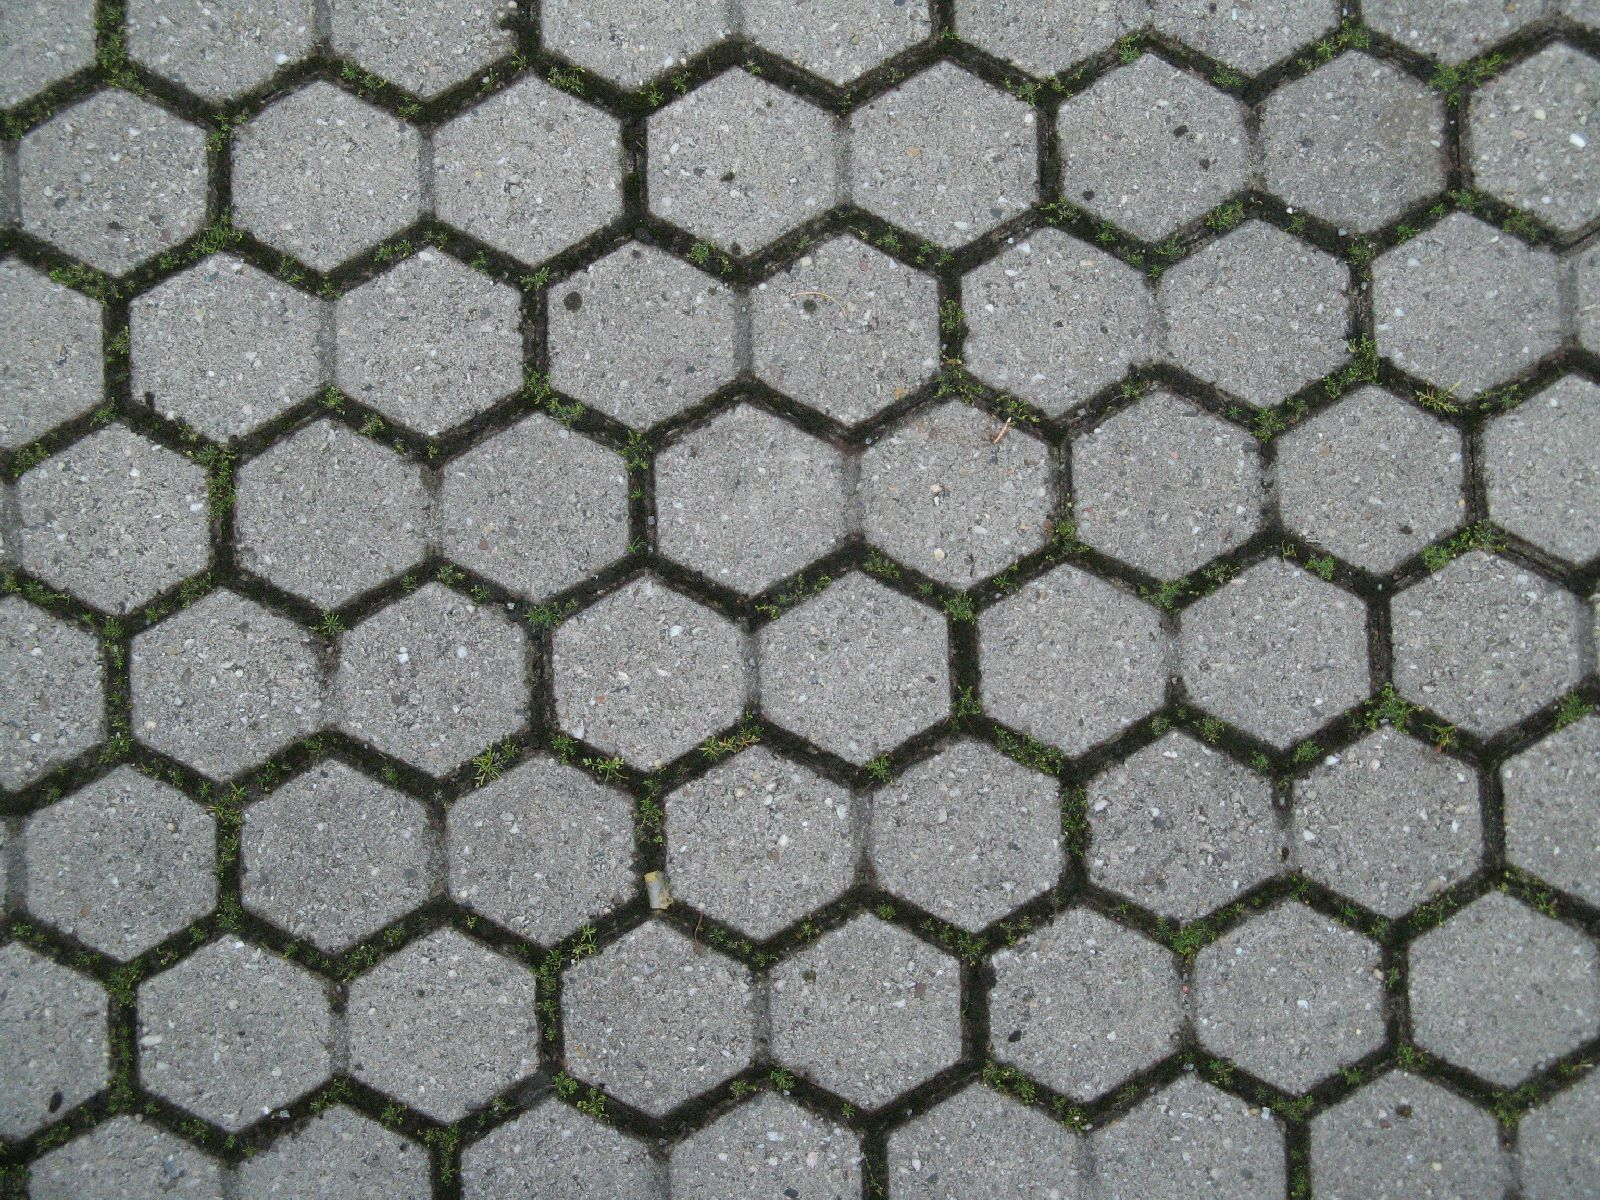 Ground-Urban_Texture_B_1081